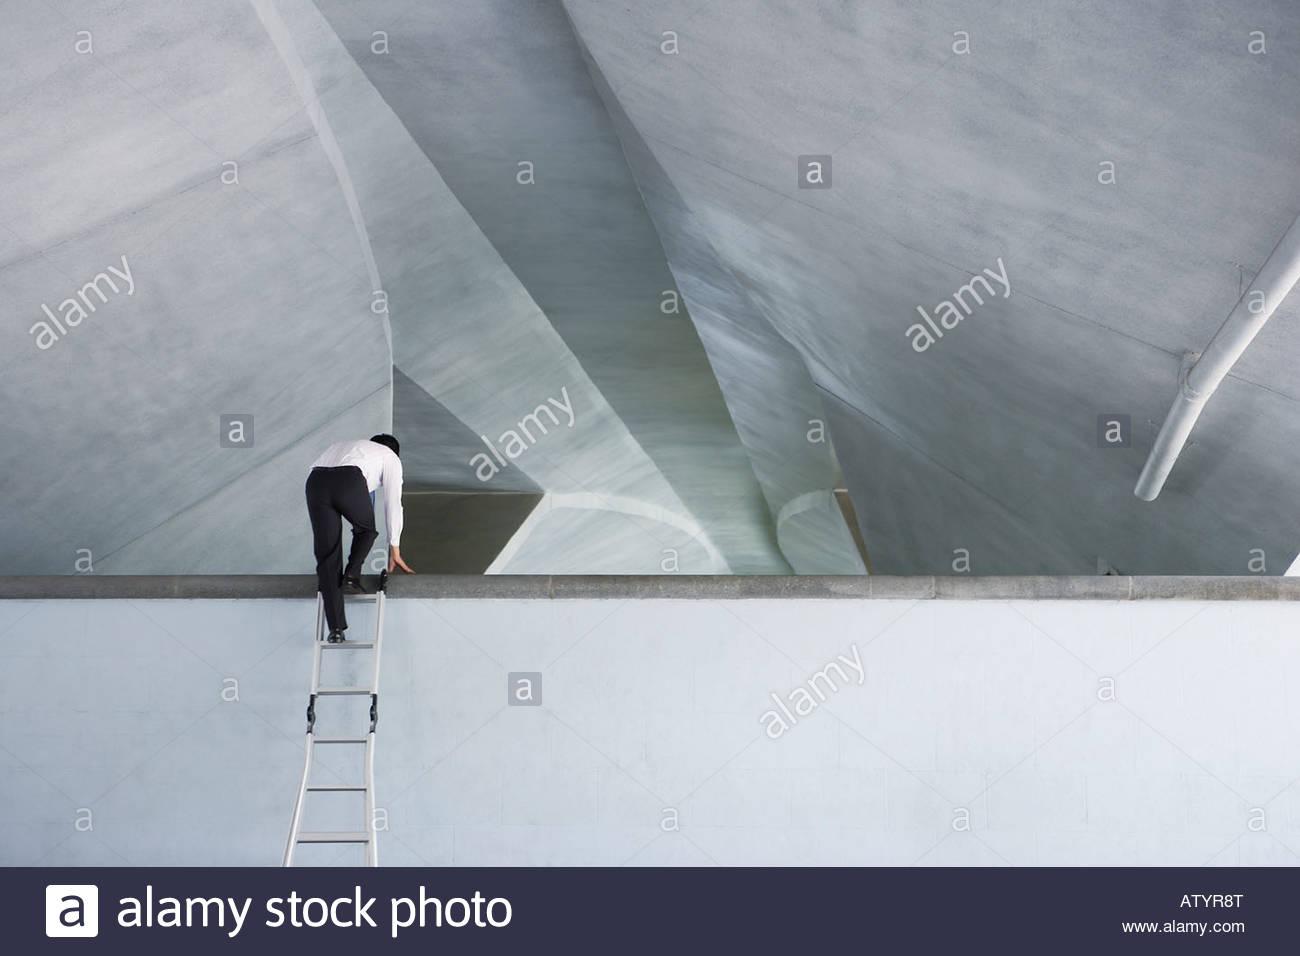 Homme d'affaires à l'intérieur à l'aide de l'échelle à grimper sur la structure Photo Stock